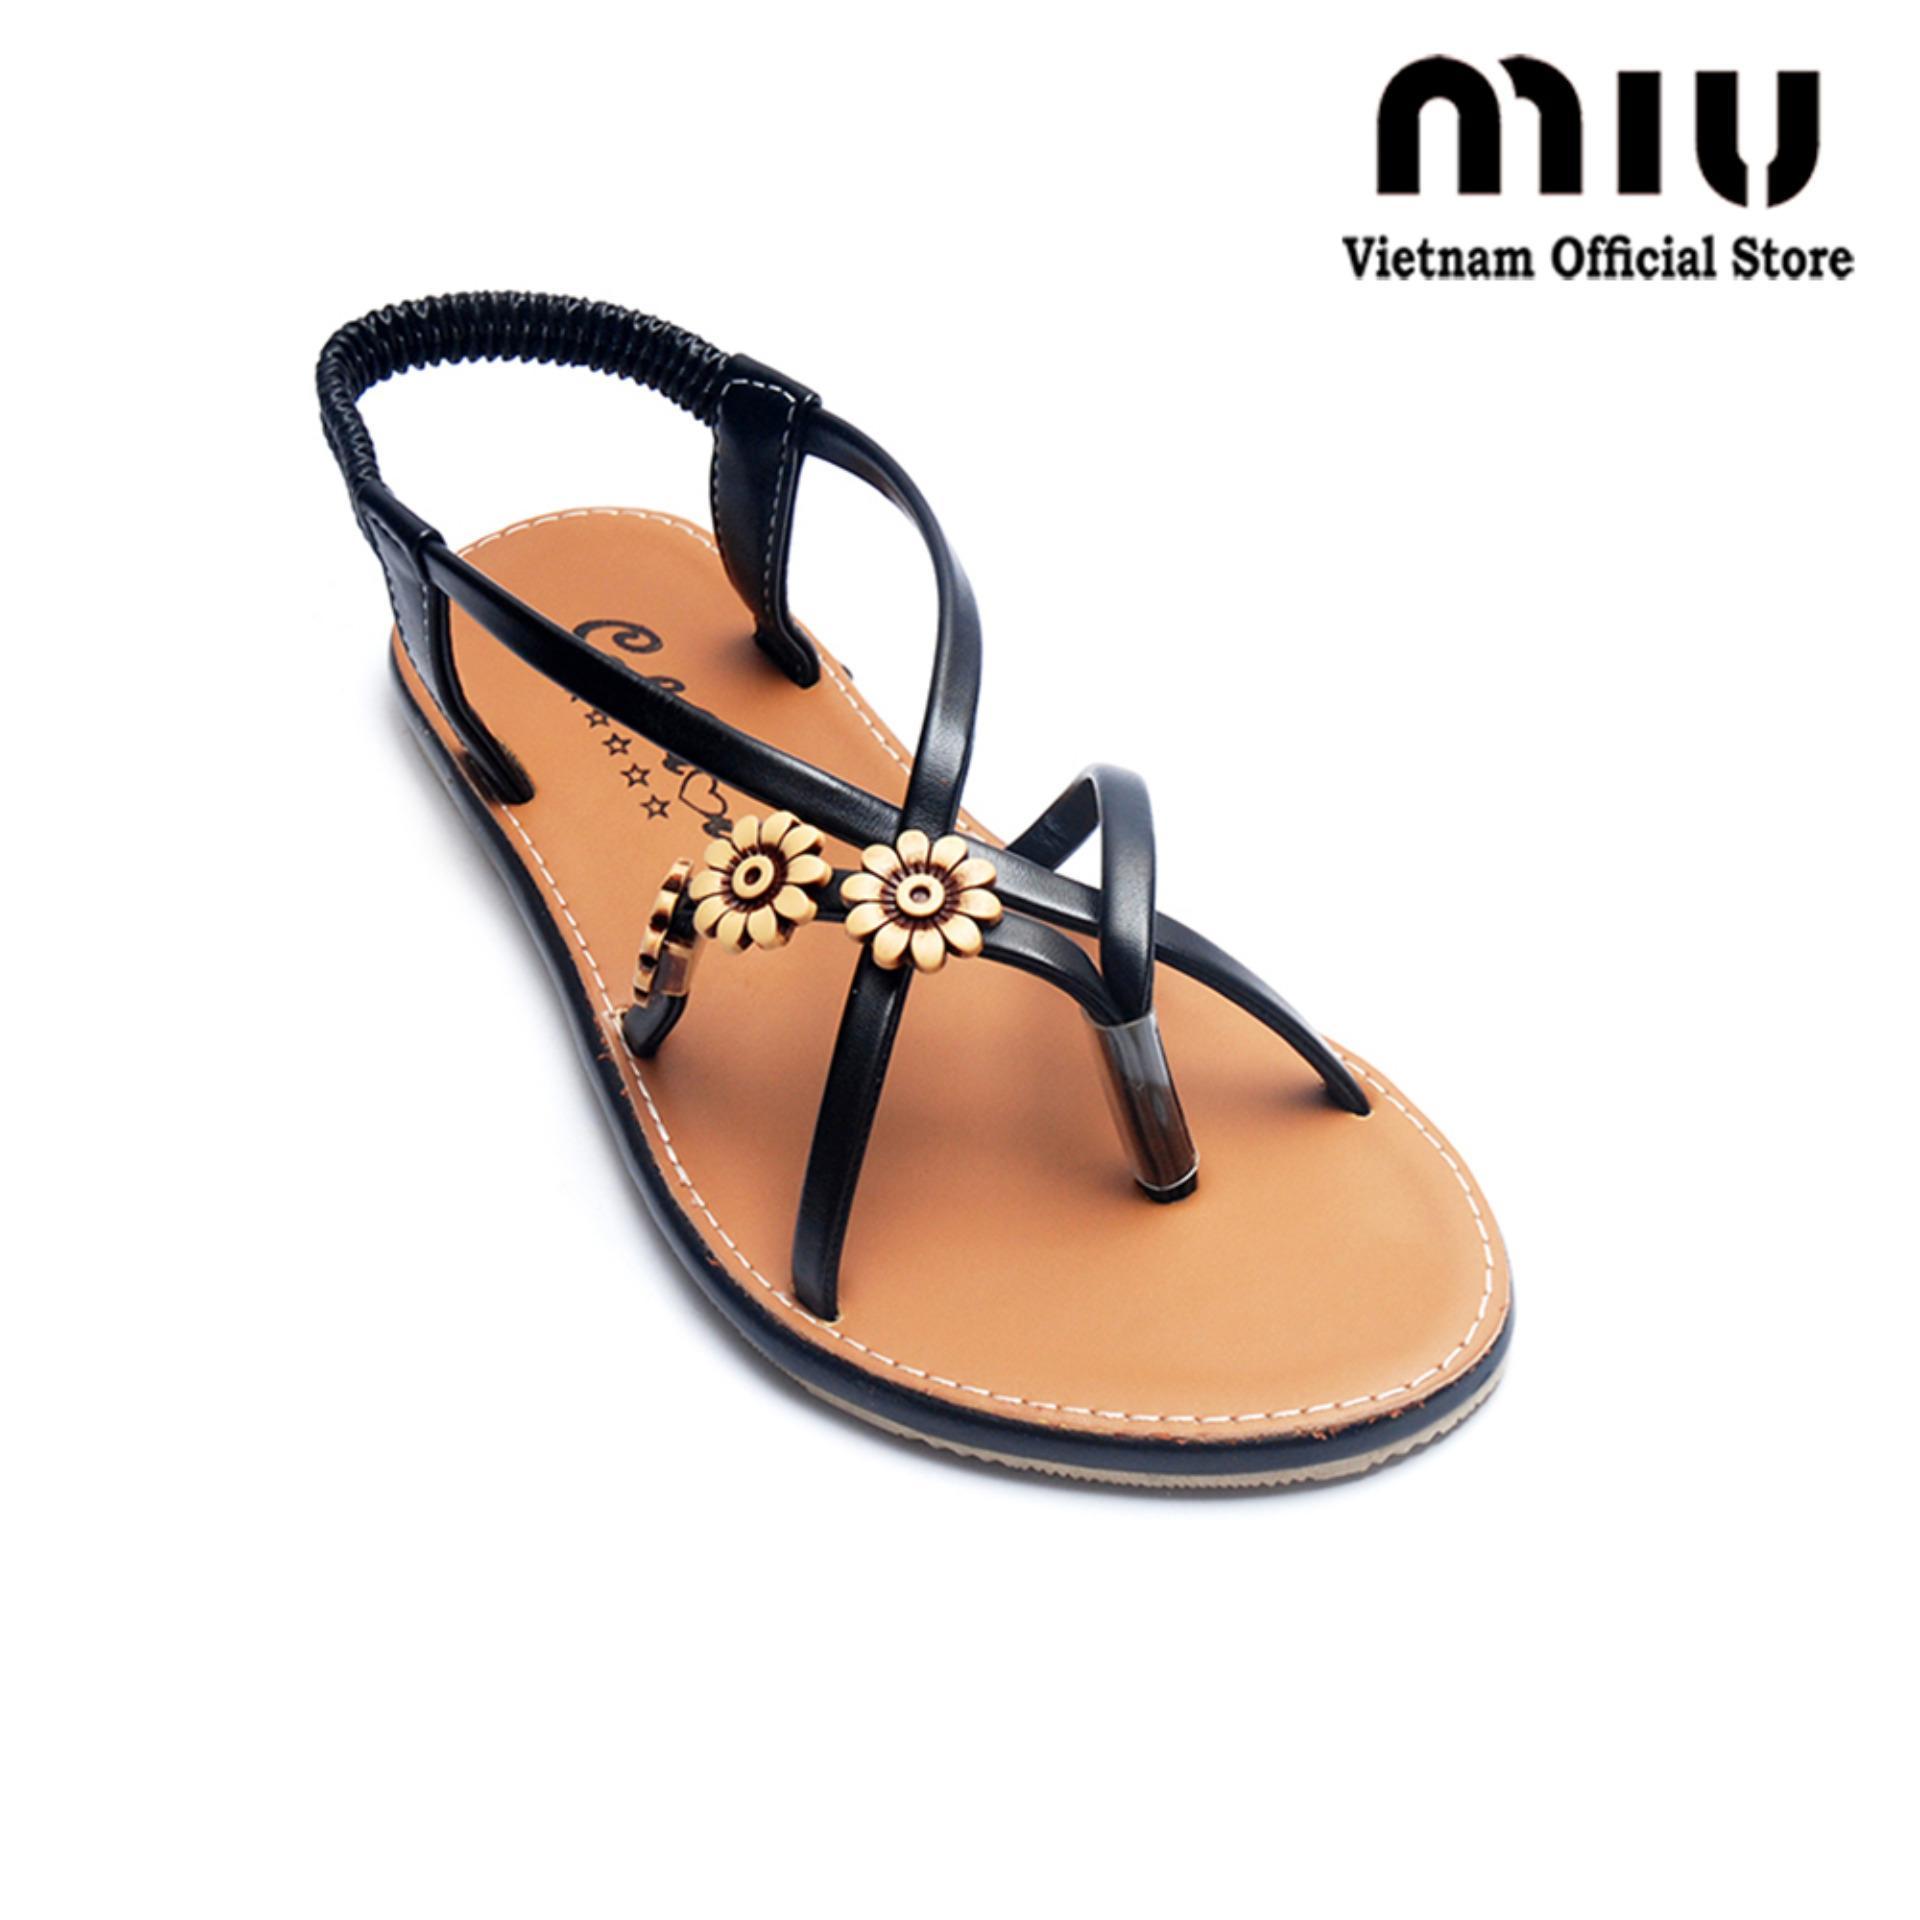 Giày xăng đan quai họa tiết MIU GD53 (Nâu Đen)